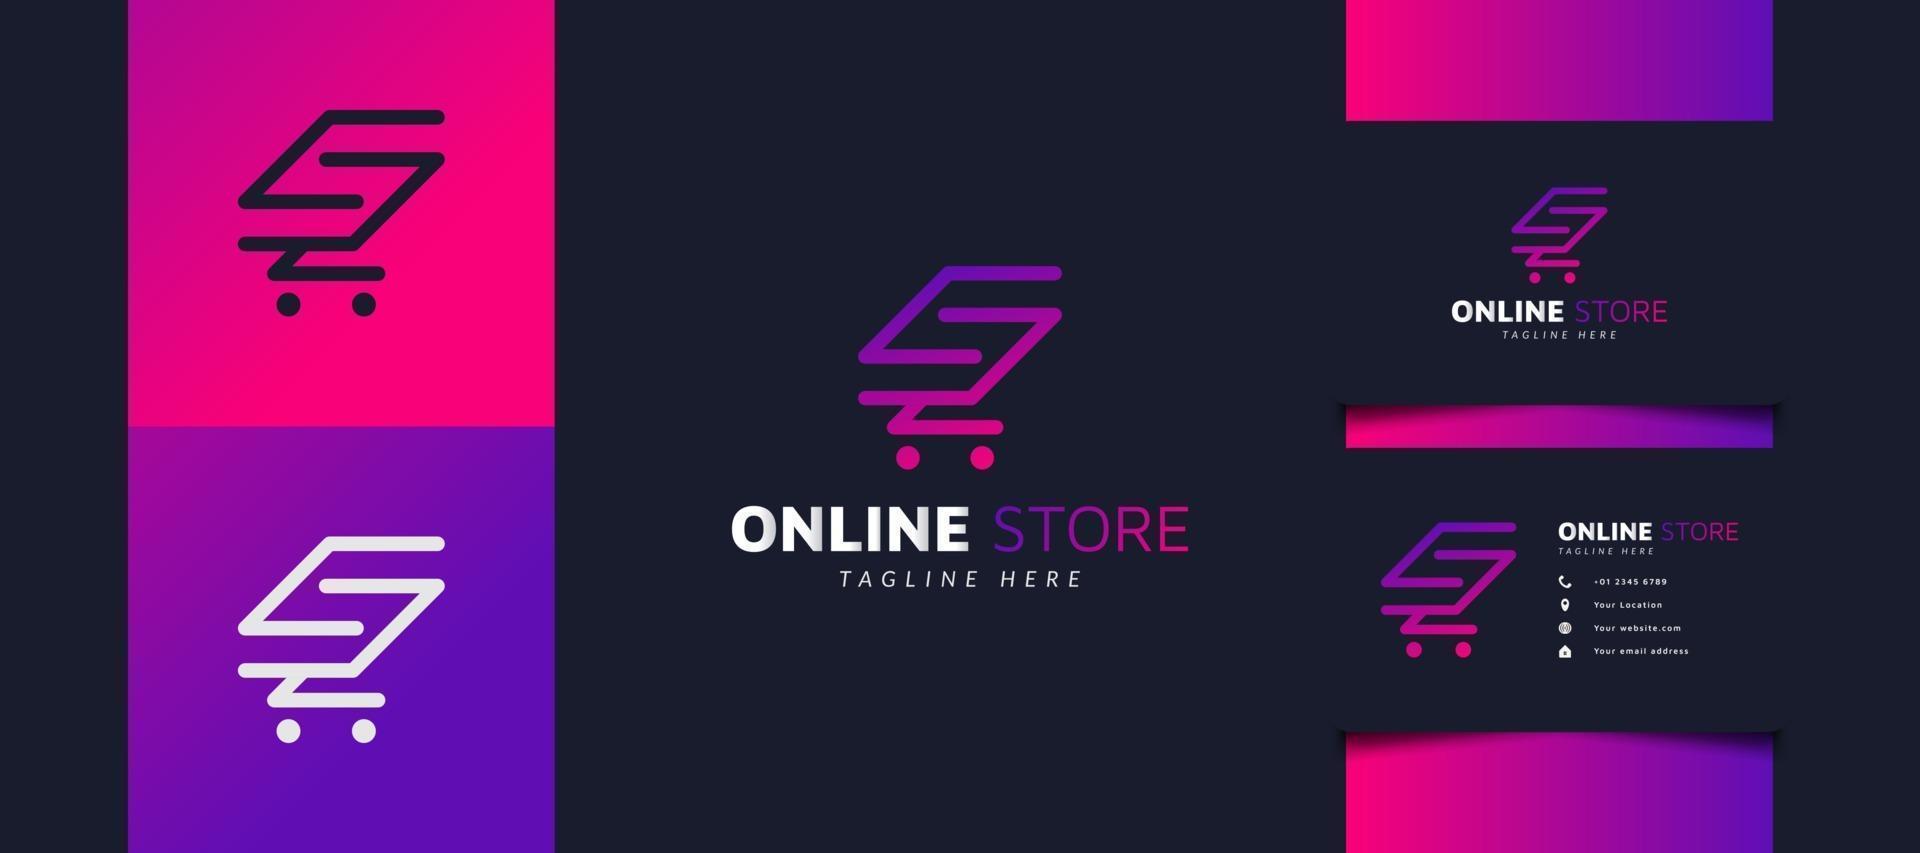 Online-Shop-Logo-Design mit Warenkorb als Initiale in buntem Farbverlauf, verwendbar für Geschäfts- oder Geschäftslogos vektor